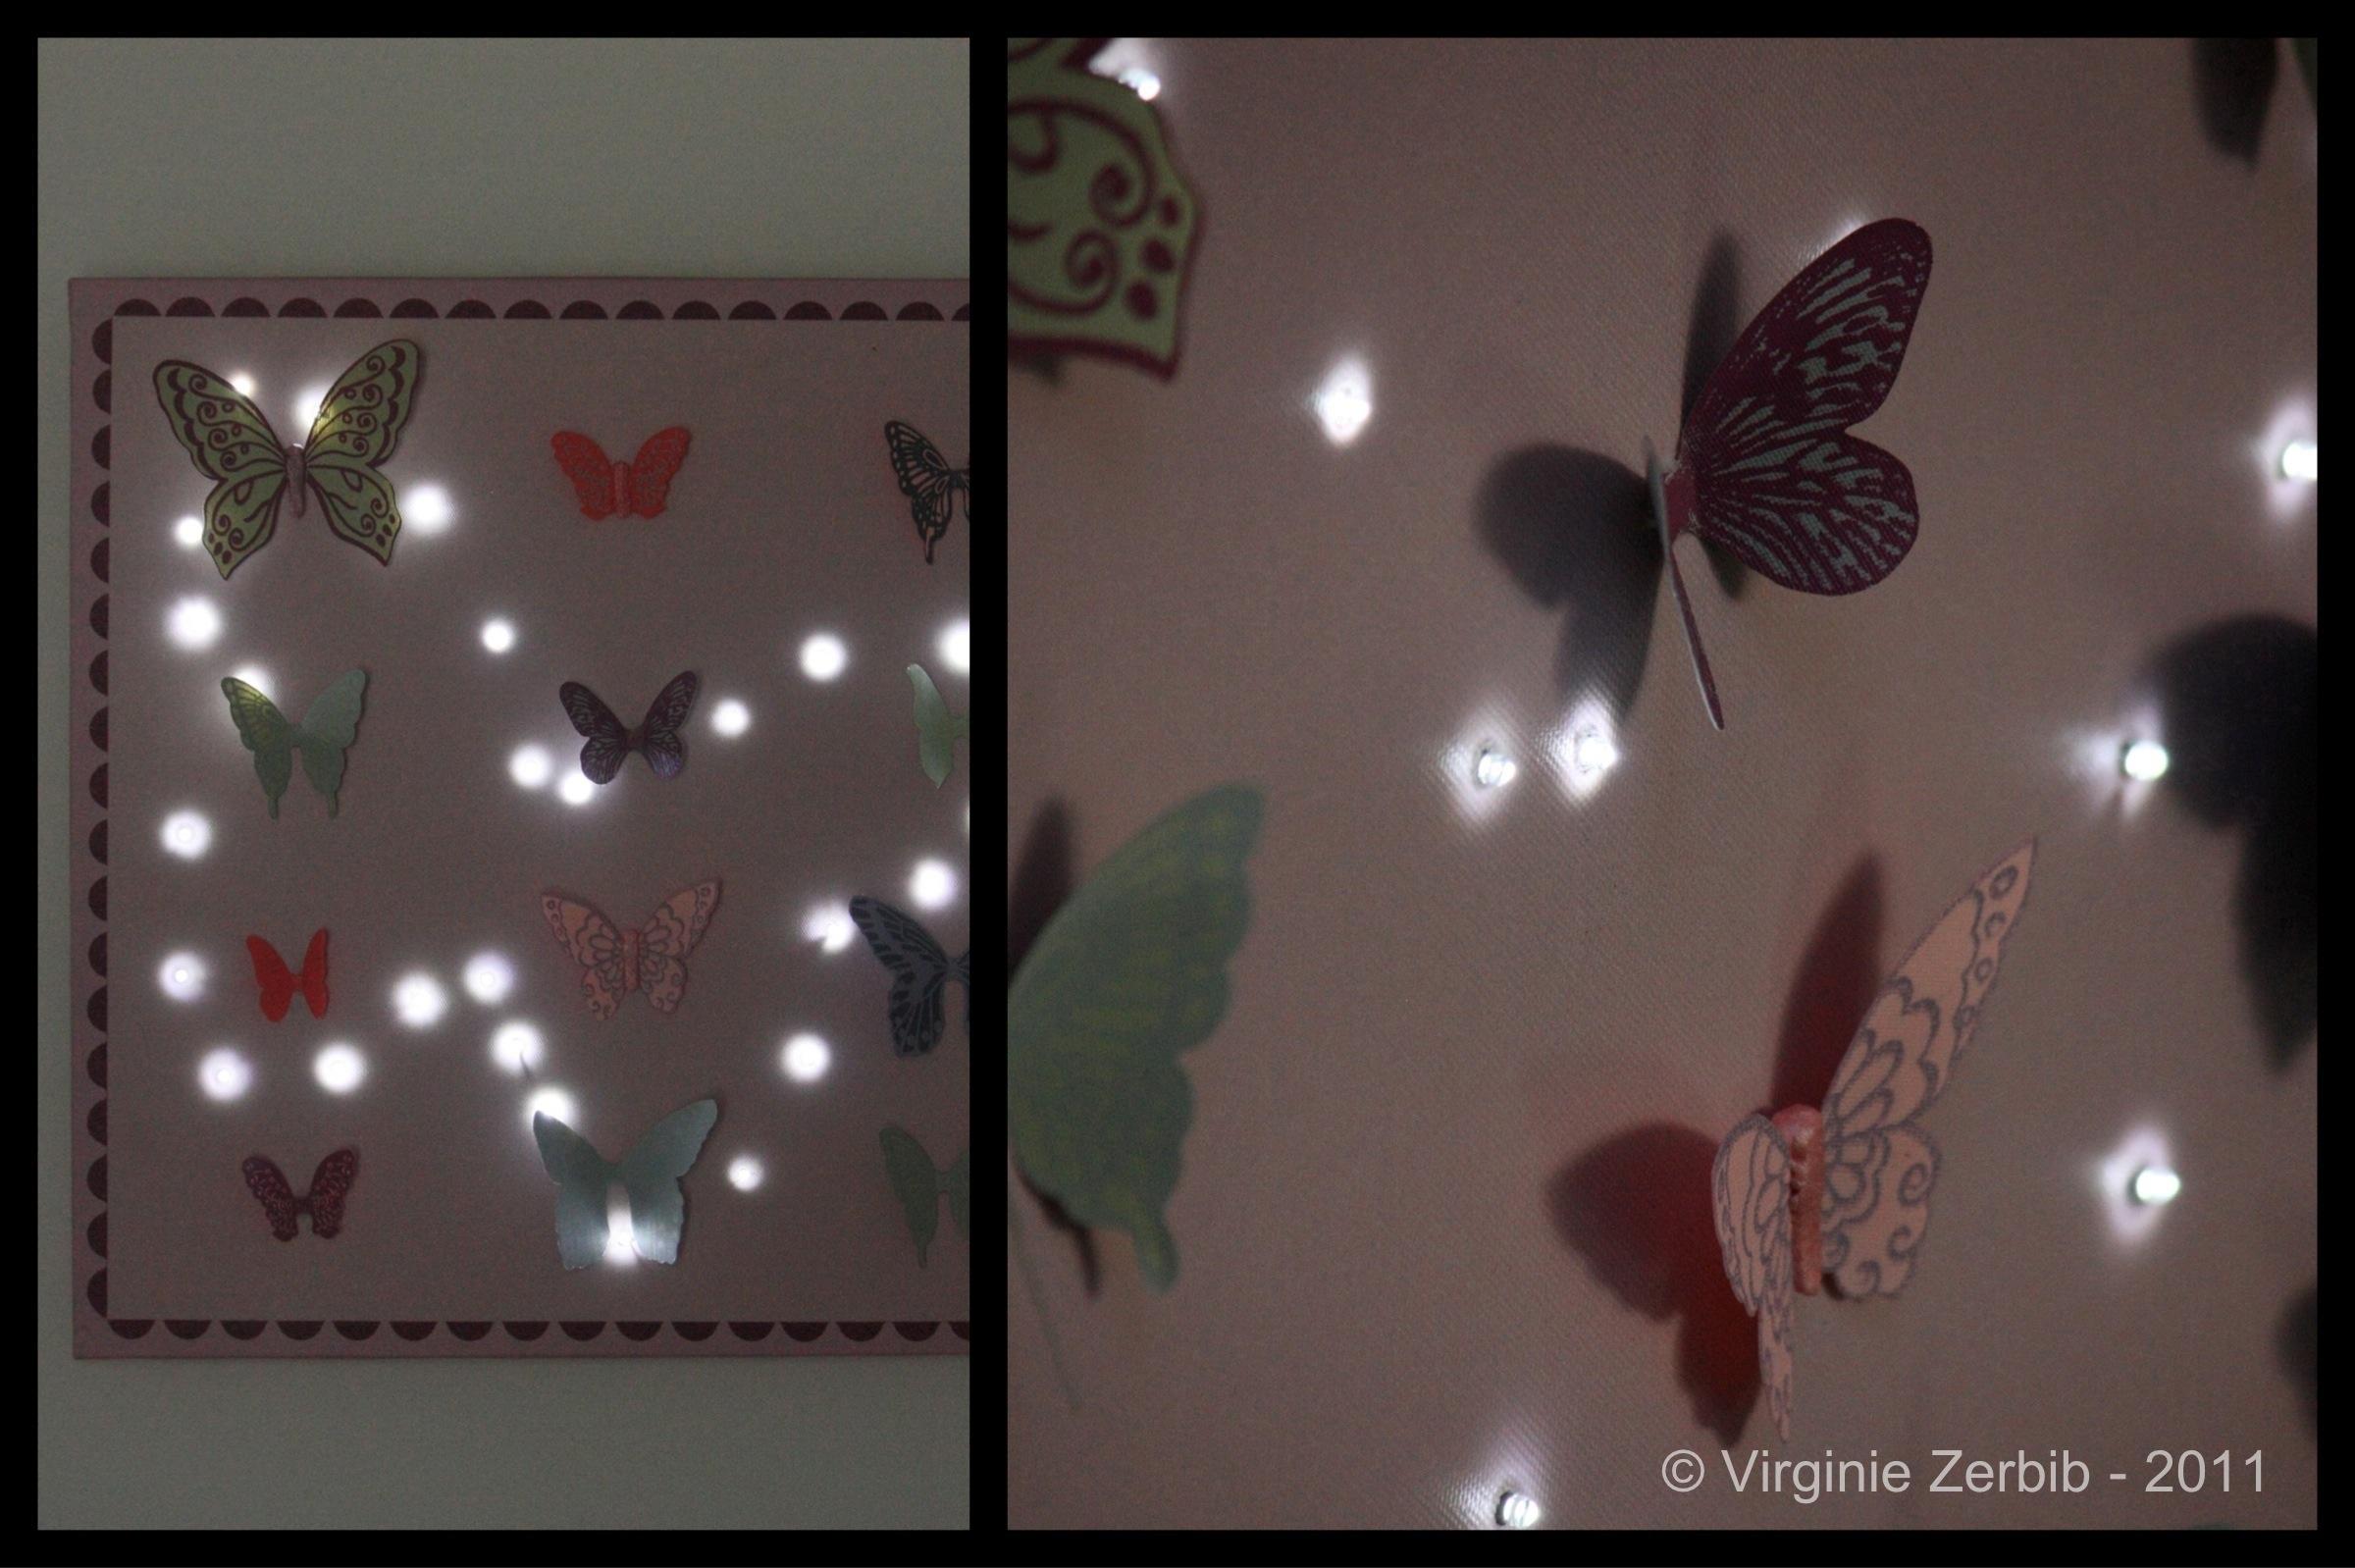 Sp ciale chambres d enfants pisode 5 la toile lumineuse for Decoration murale fait main